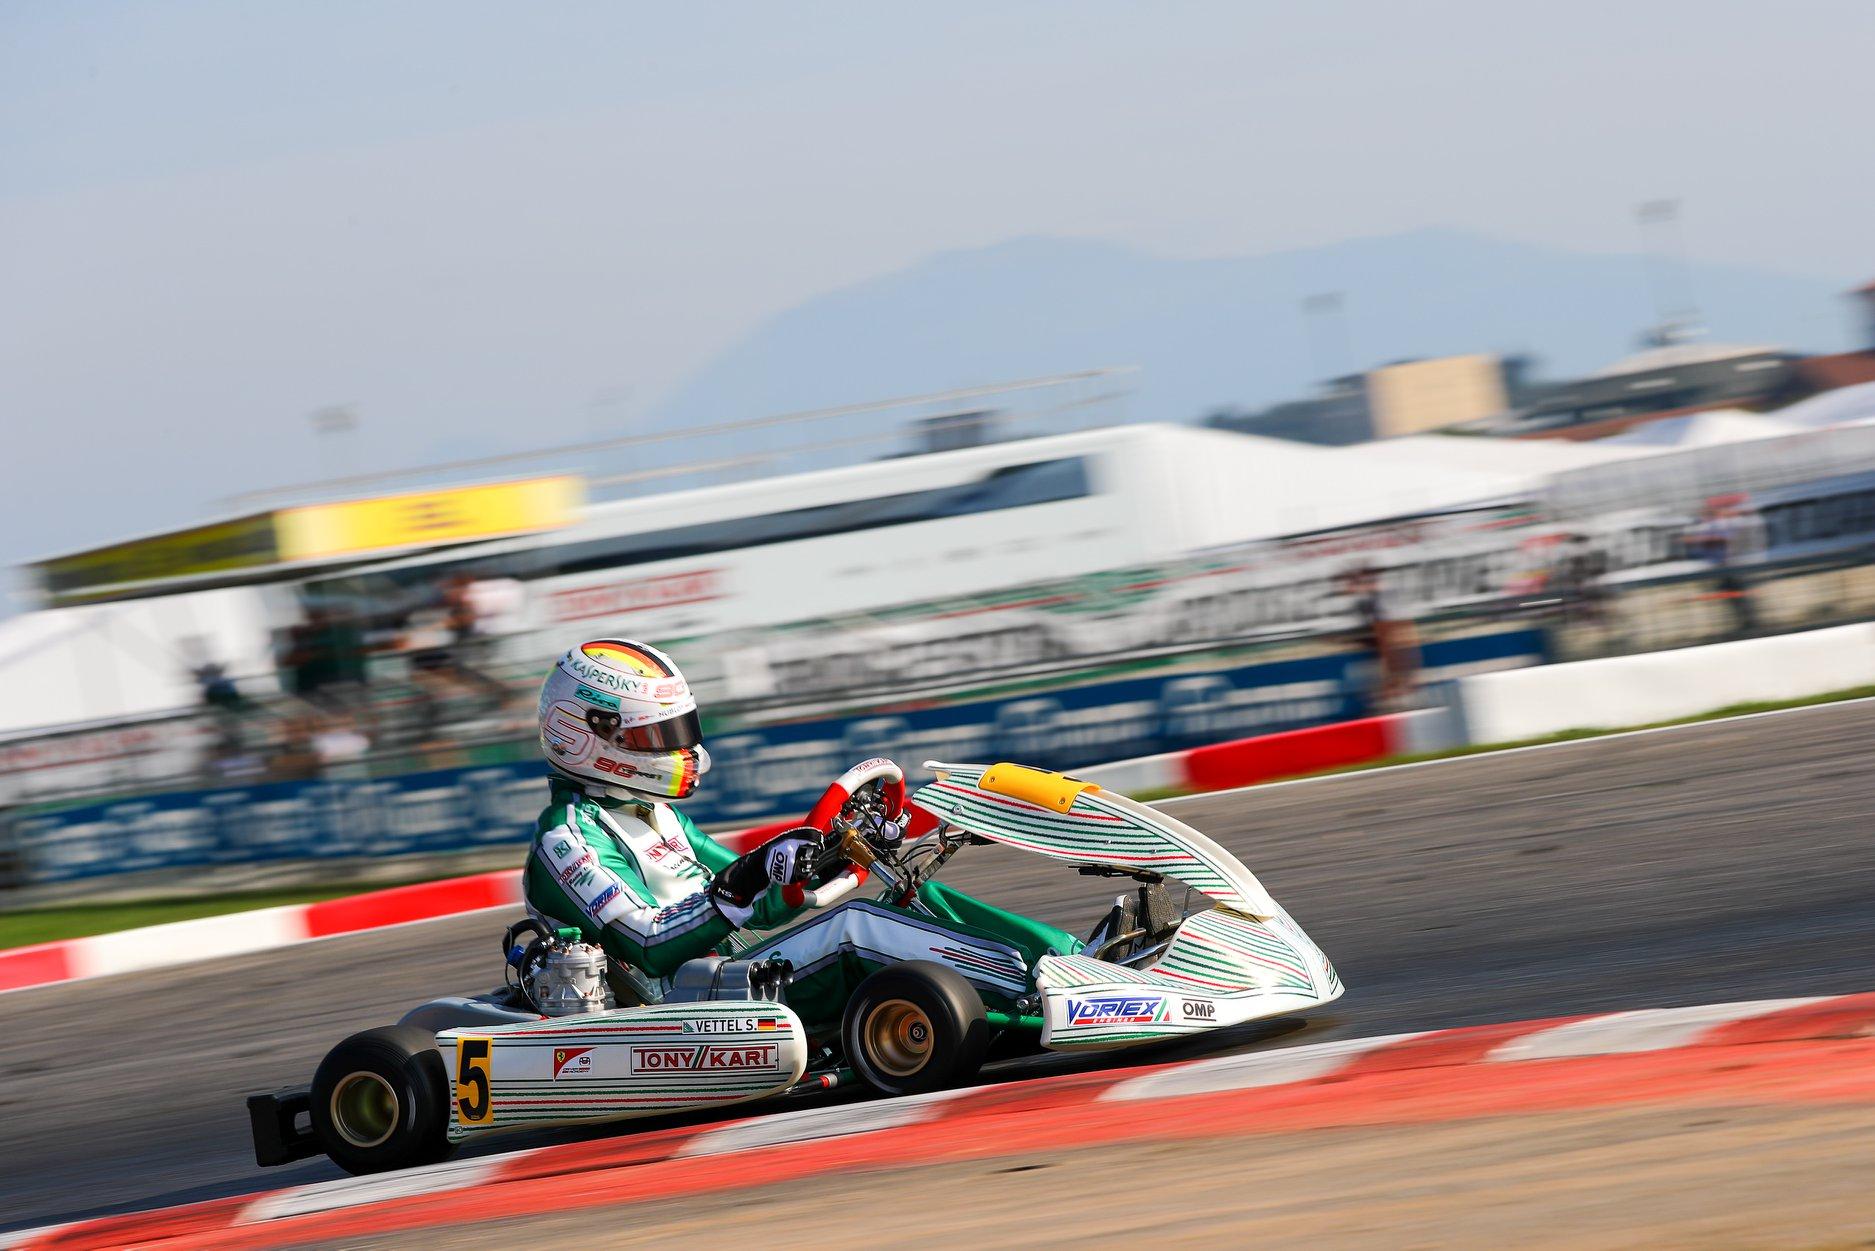 Sebastian_Vettel_testing_Tony_Kart_0015